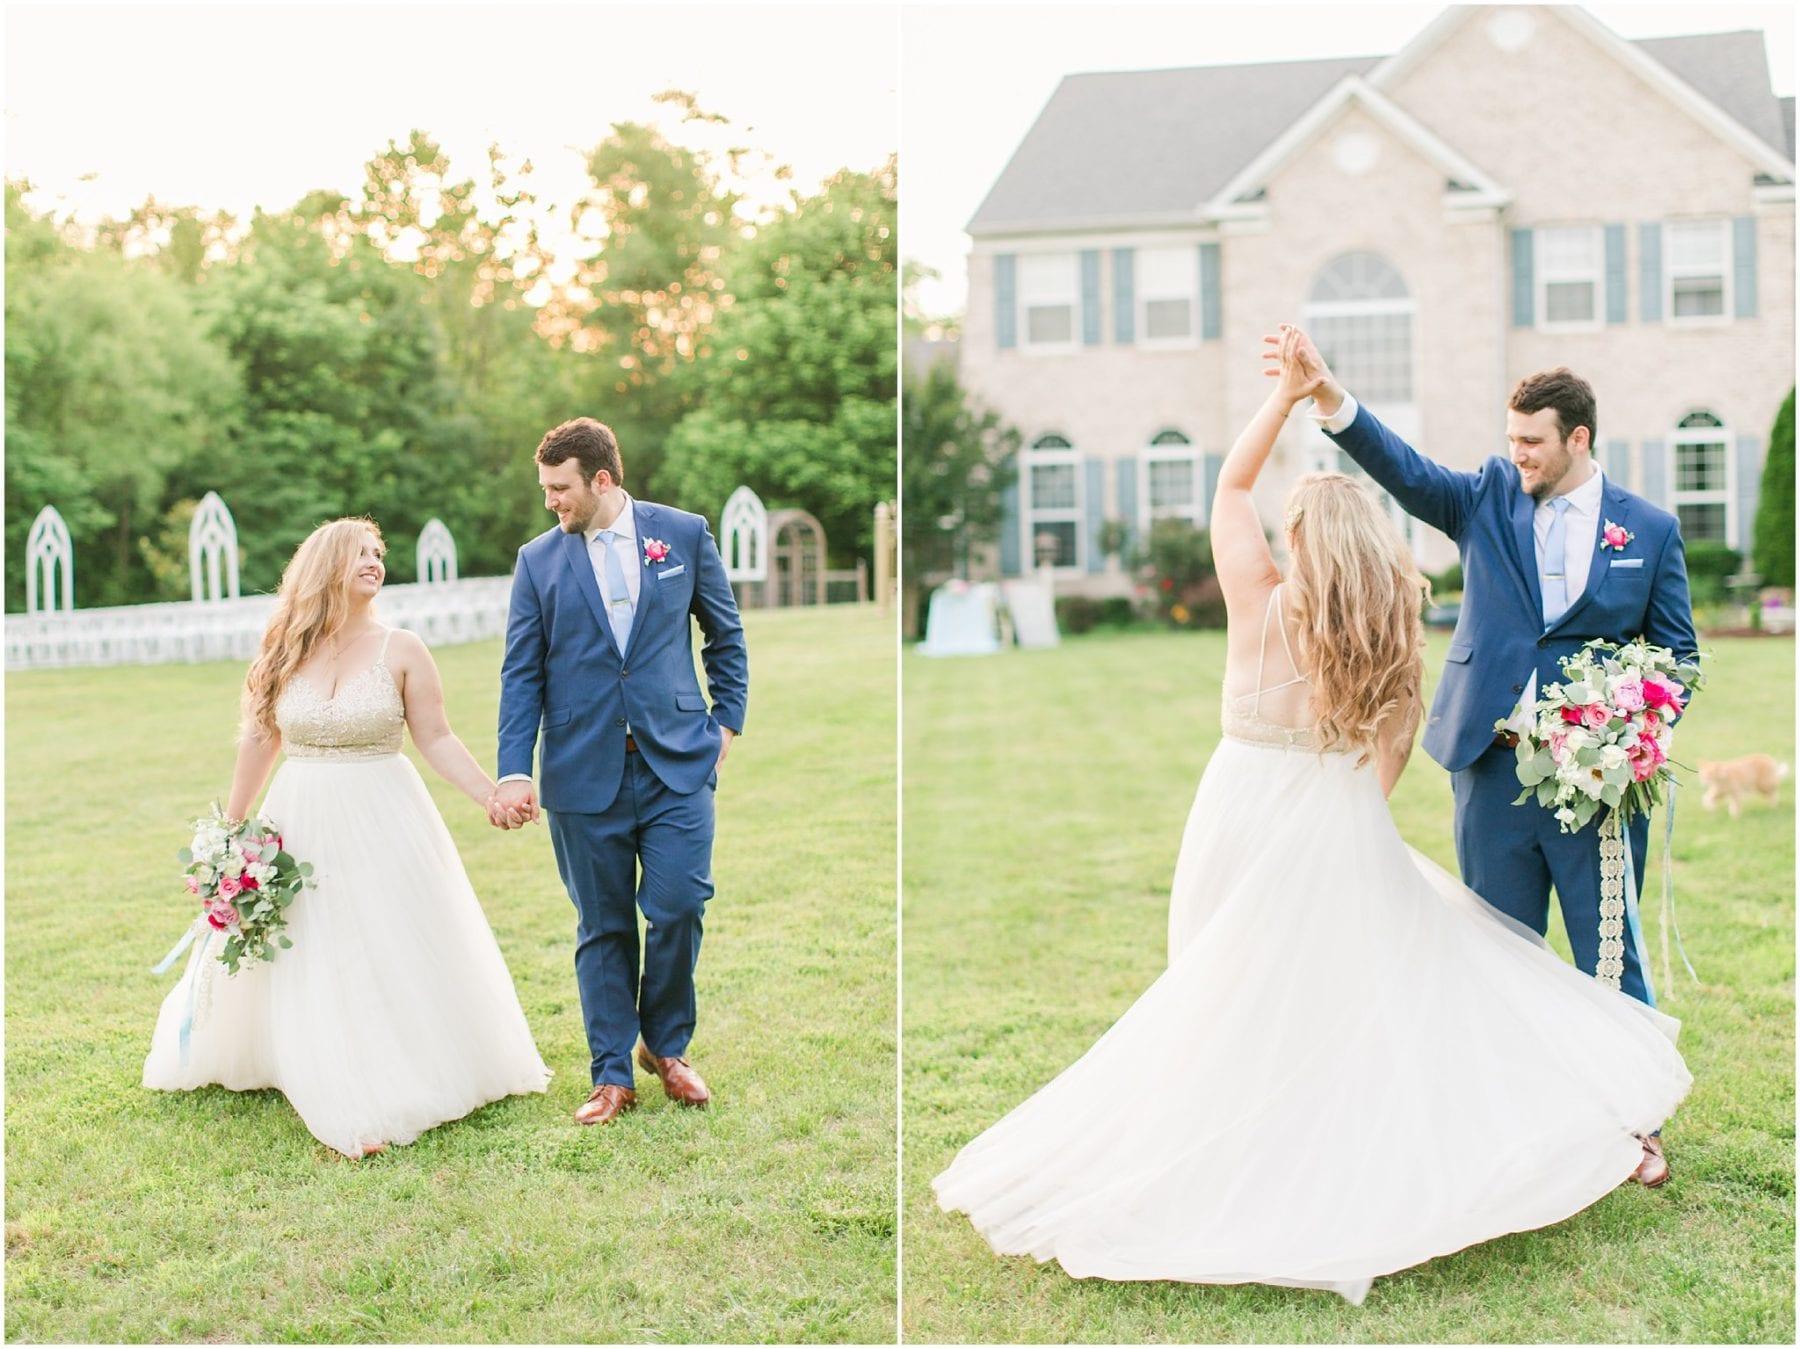 Maryland Backyard Wedding Photos Kelly & Zach Megan Kelsey Photography-274.jpg